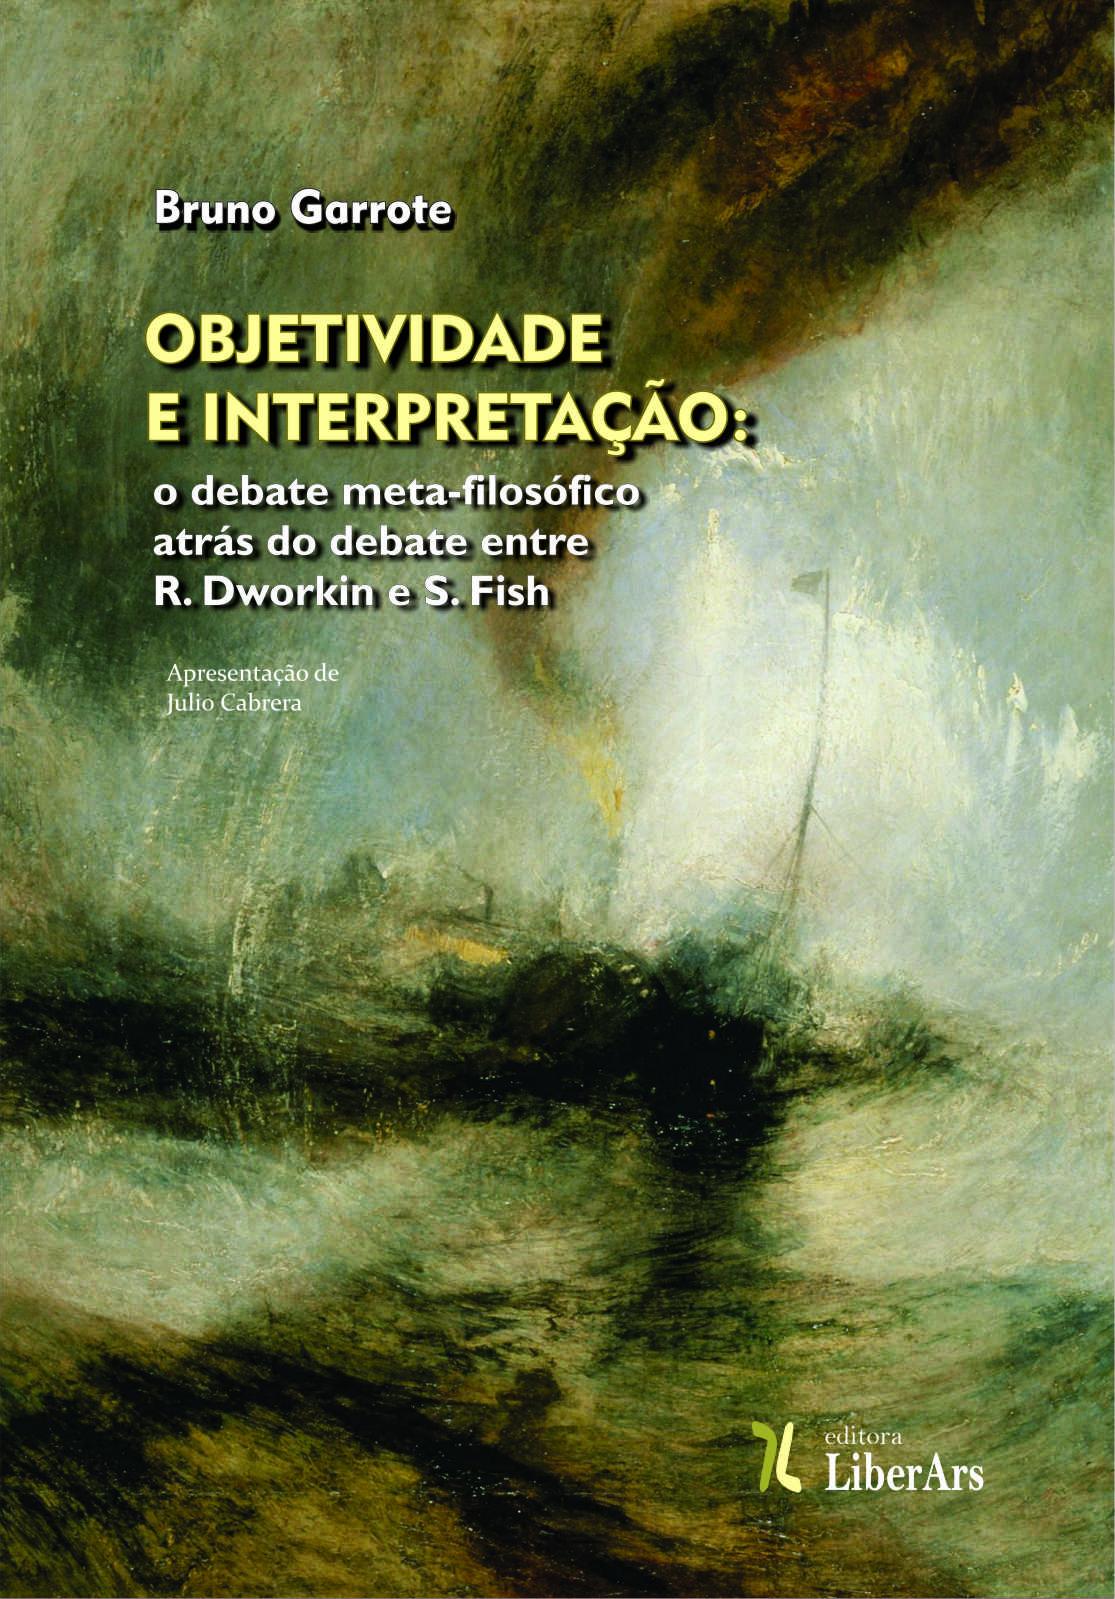 Objetividade e interpretação: o debate meta-filosófico através do debate entre R. Dworkin e S. Fish, livro de Bruno Garrote